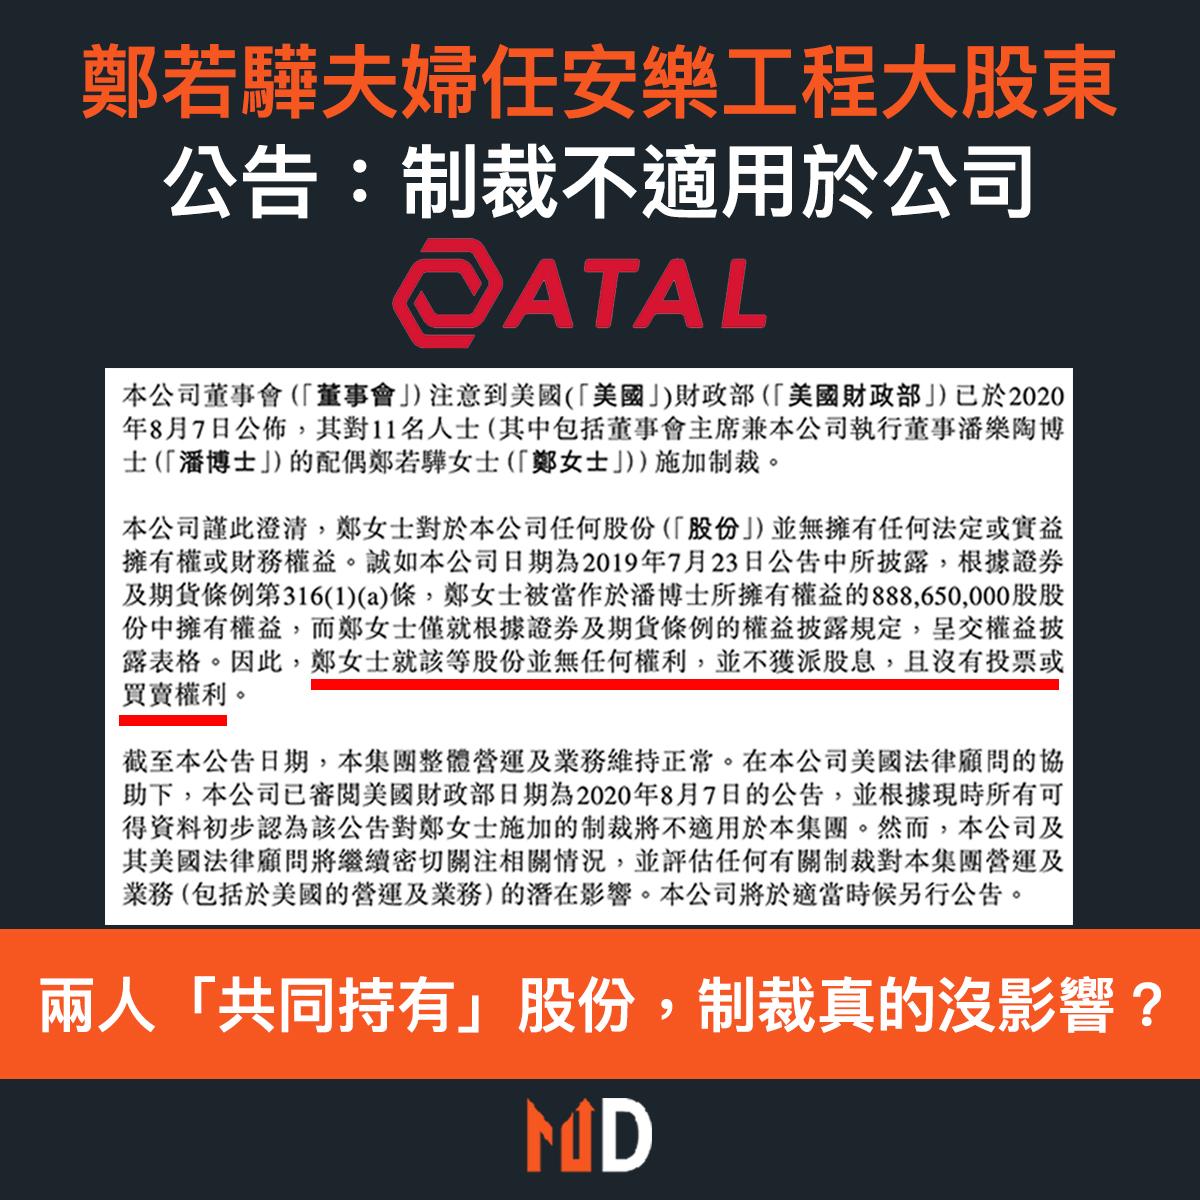 【市場熱話】鄭若驊夫婦任安樂工程大股東,公告:制裁不適用於公司